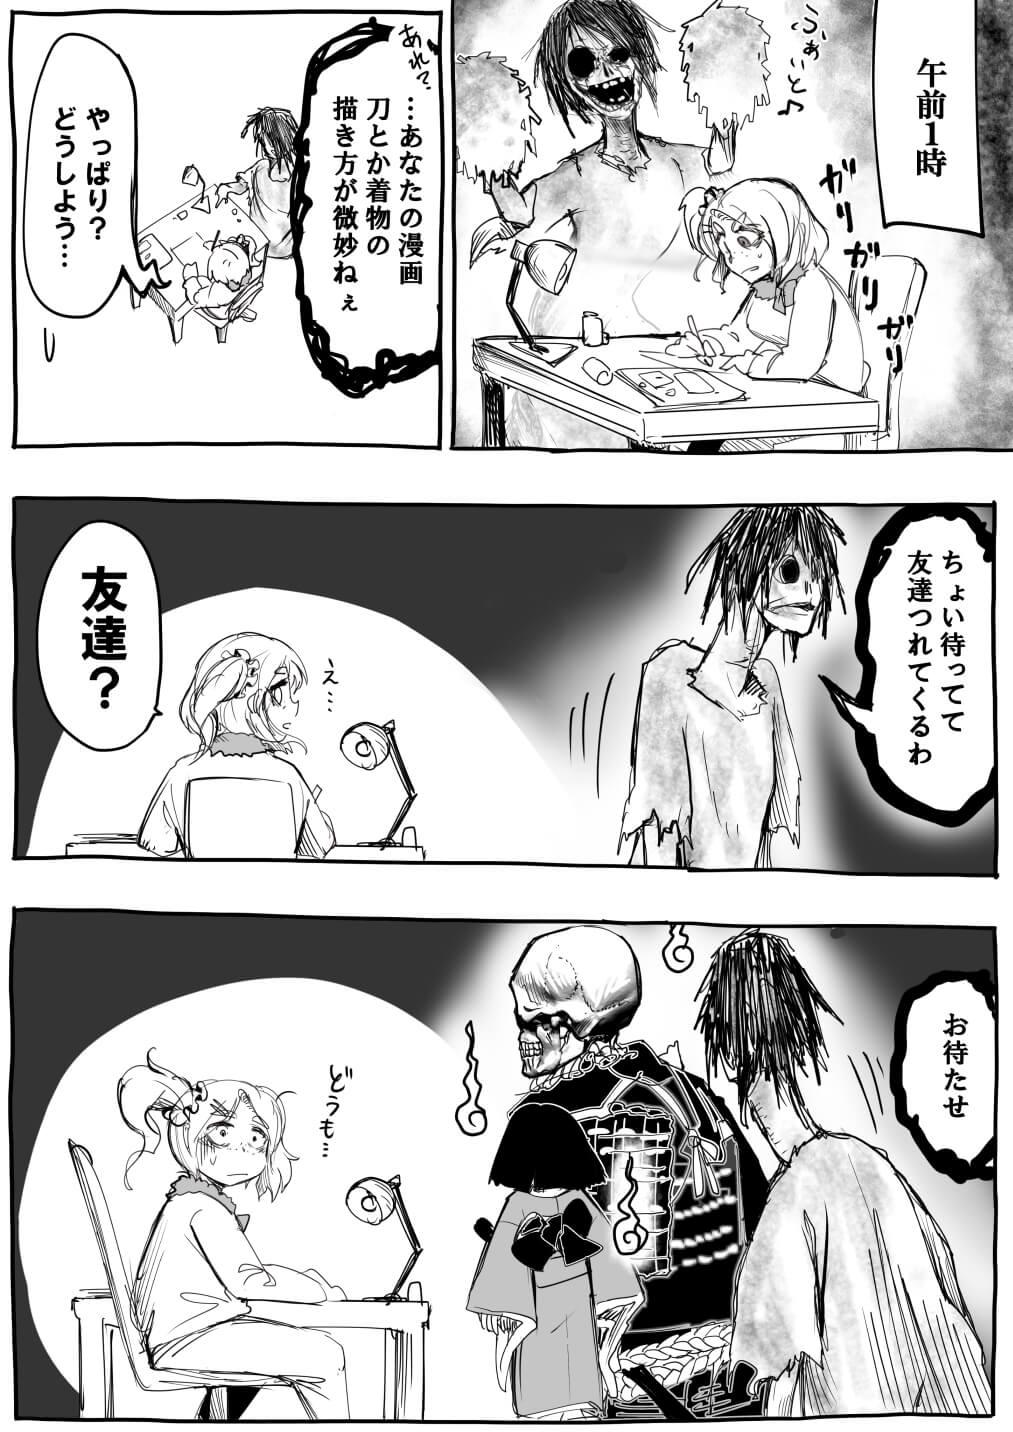 〆切り前夜の漫画家さん2-1